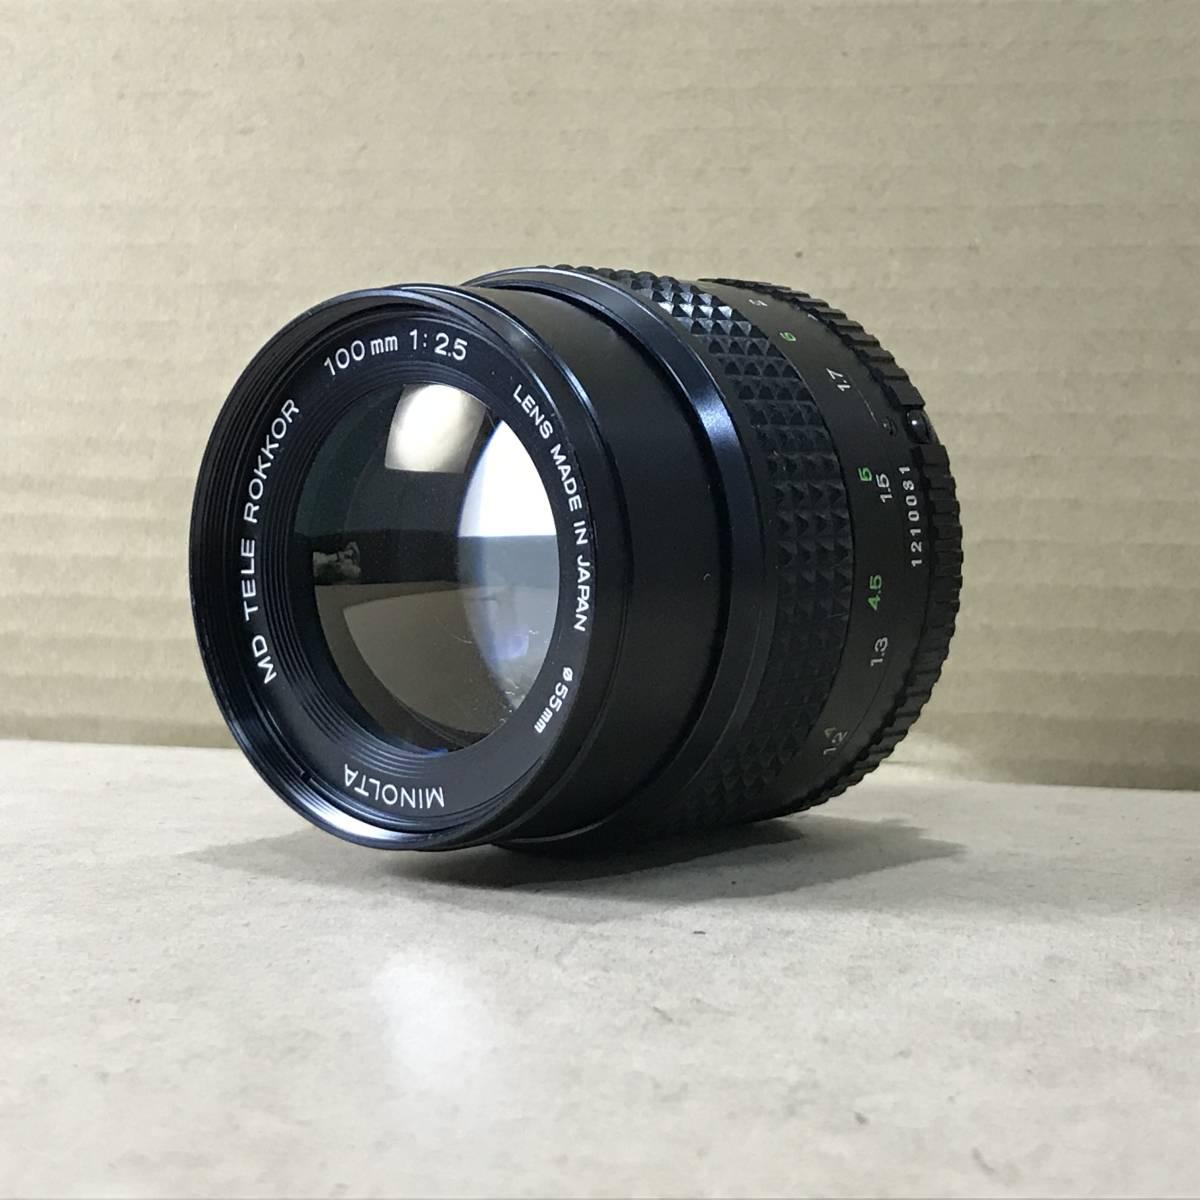 ミノルタ MINOLTA MD TELE ROKKOR 100mm 1: 2.5 MF レンズ Lens For 35mm SLR Film Camera MINOLTA MD 1円~